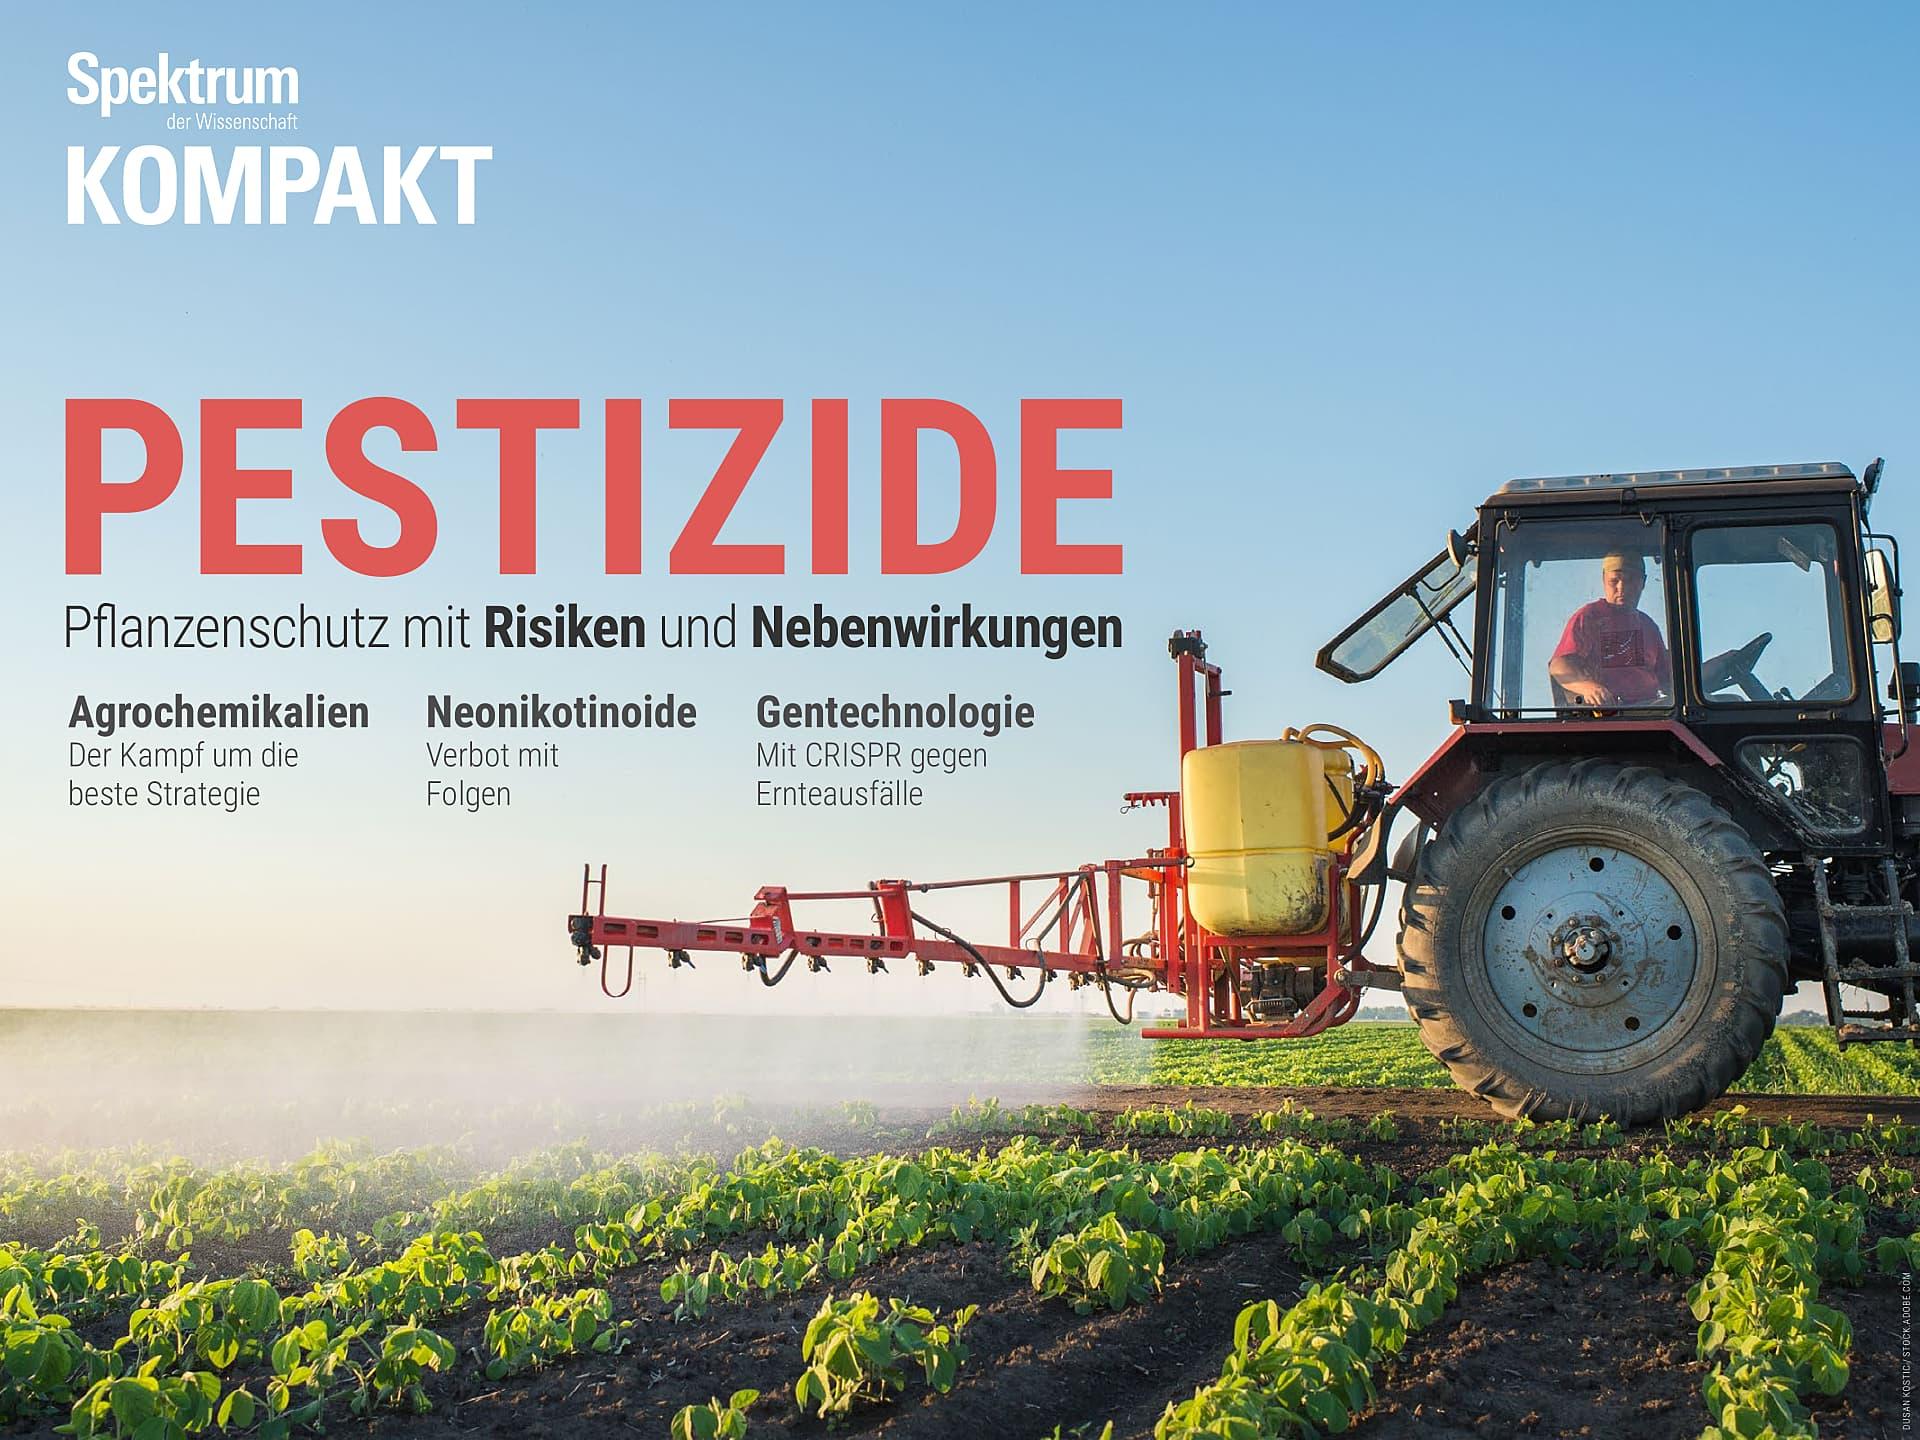 Pestizide - Pflanzenschutz mit Risiken und Nebenwirkungen